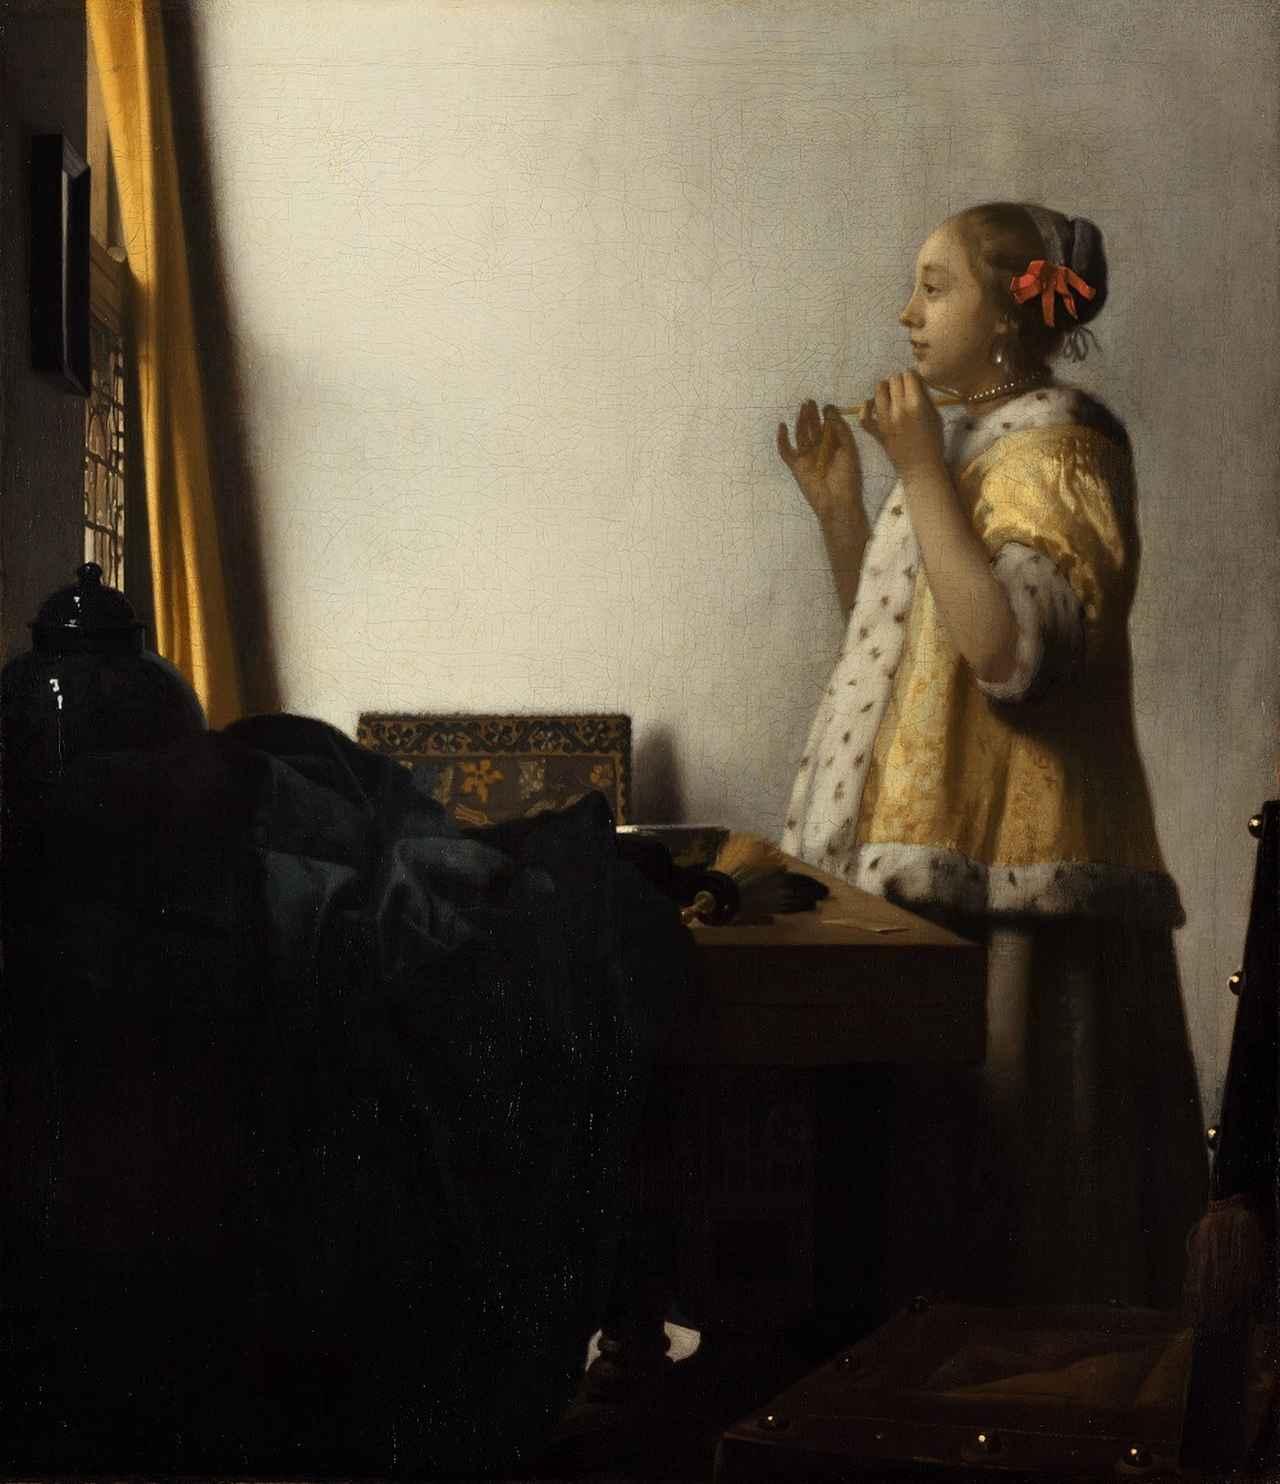 画像: ヨハネス・フェルメール《真珠の首飾りの女》1662-1665年頃 ベルリン国立美術館 © Staatliche Museen zu Berlin, Gemäldegalerie / Christoph Schmidt